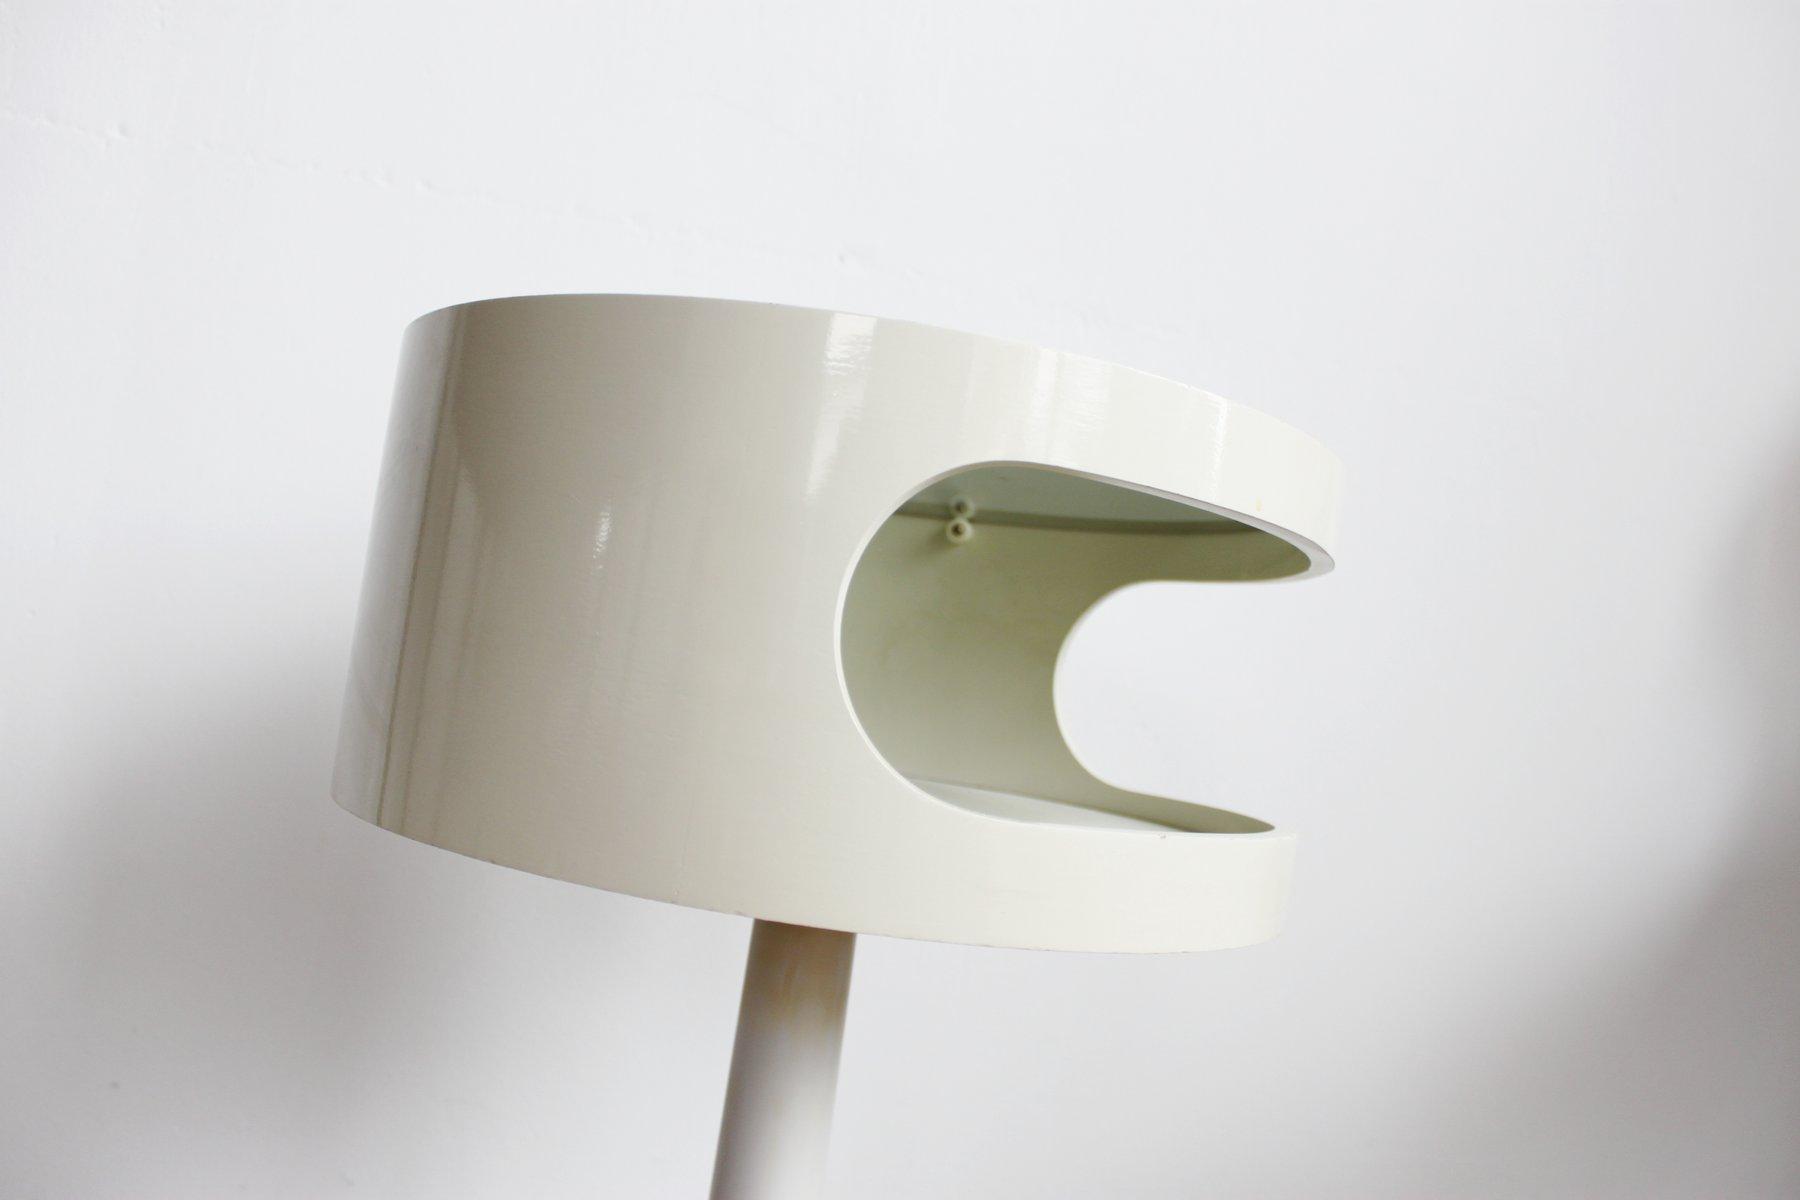 vintage m bel ankauf inspirierendes design f r wohnm bel. Black Bedroom Furniture Sets. Home Design Ideas